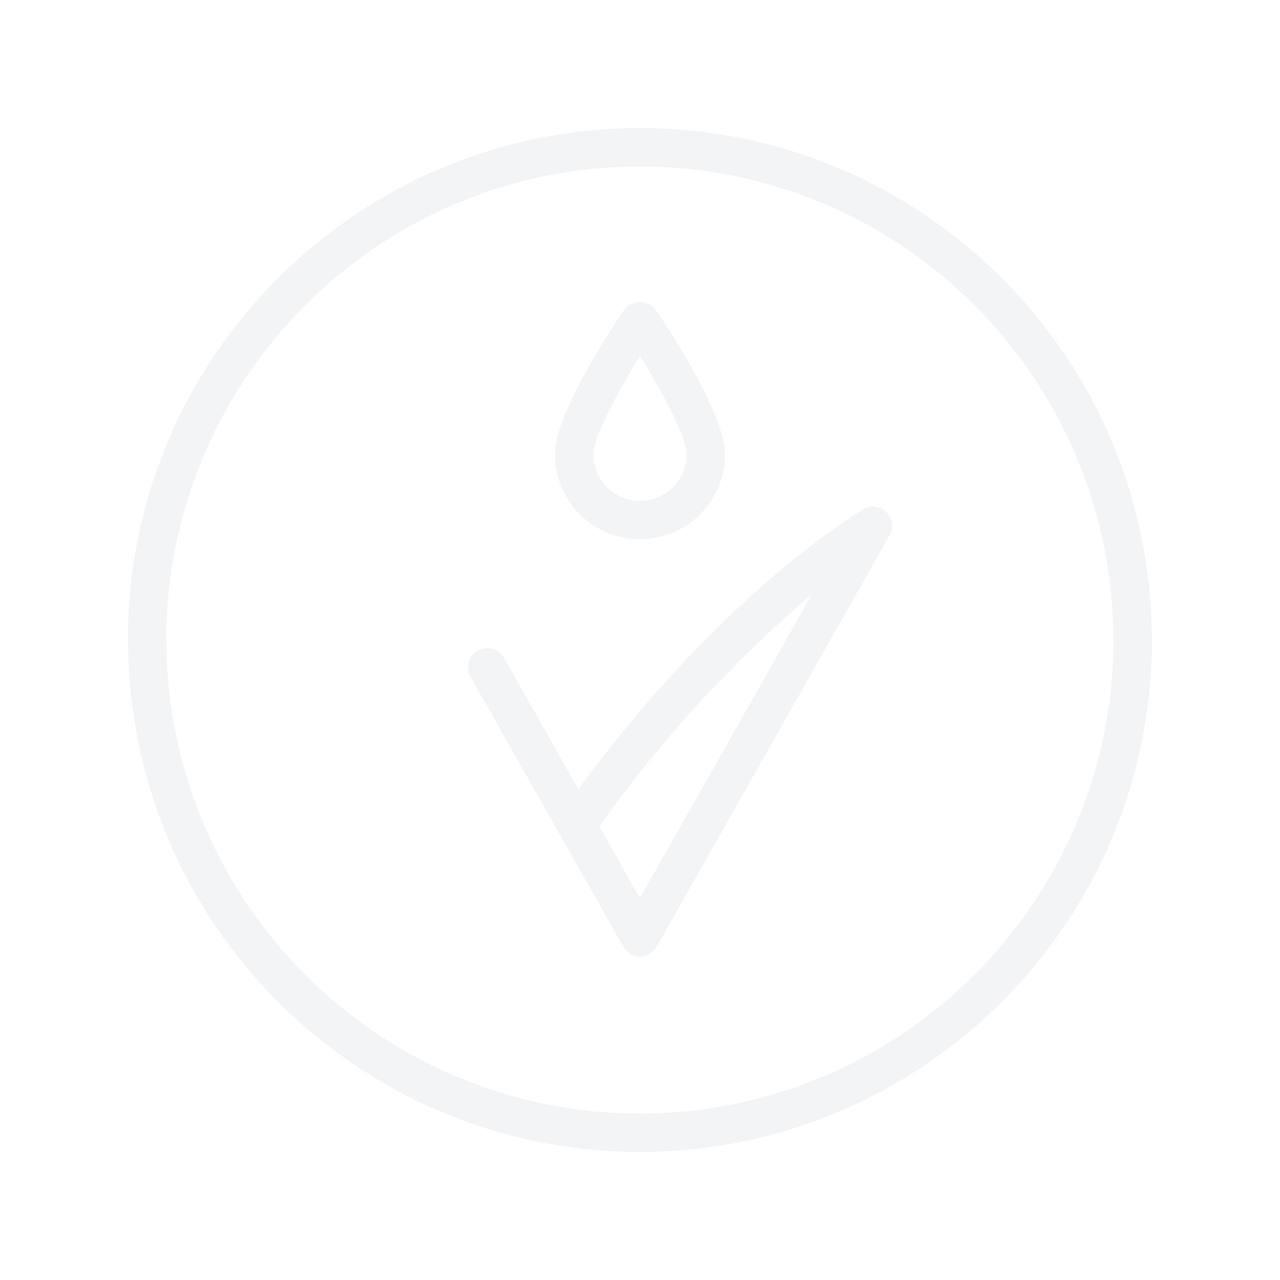 EYLURE Pro Lash Individuals Ultra Natural Eyelashes Gift Set